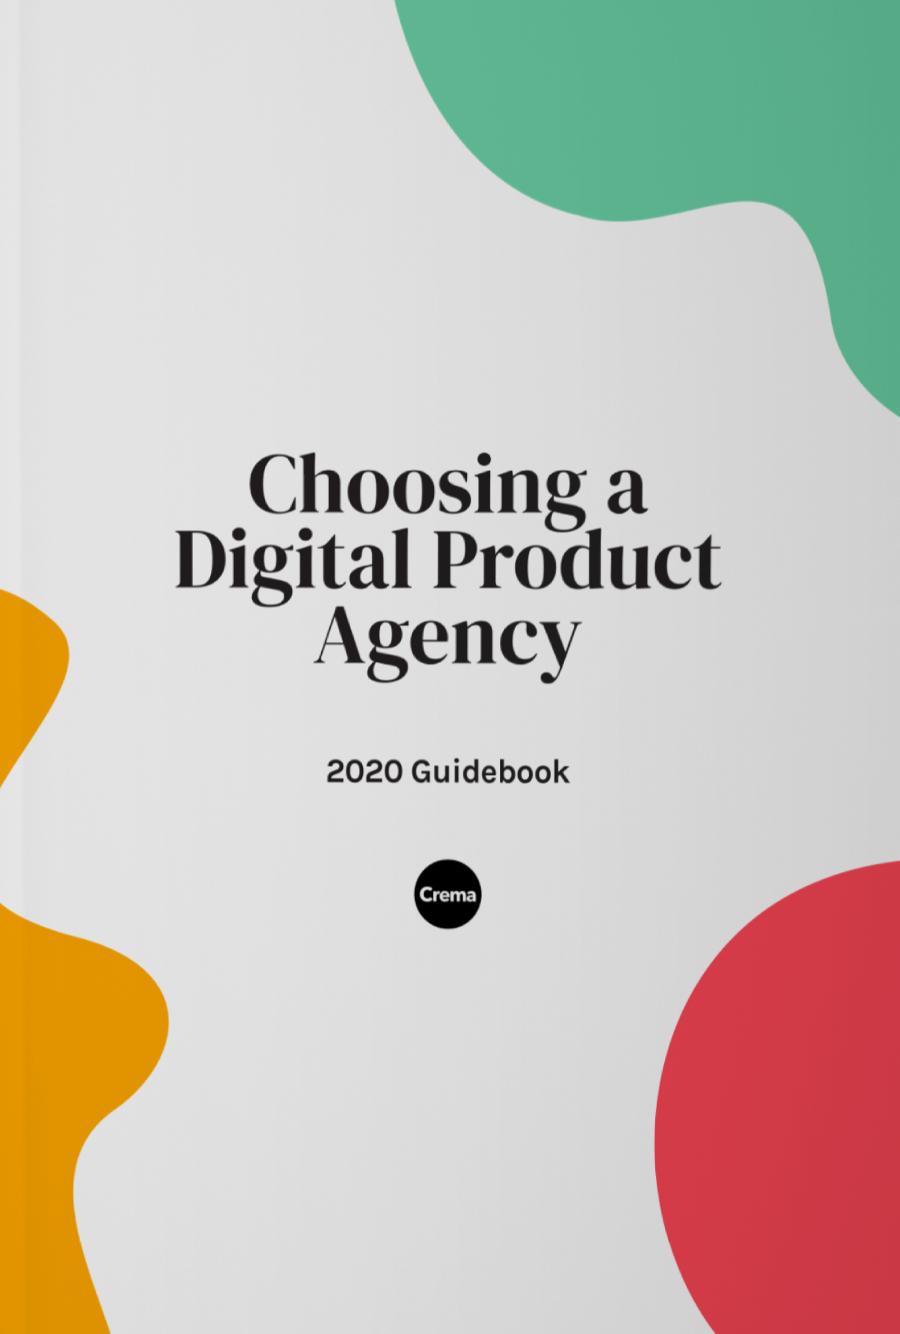 Choosing a Digital Product Agency - ebook image